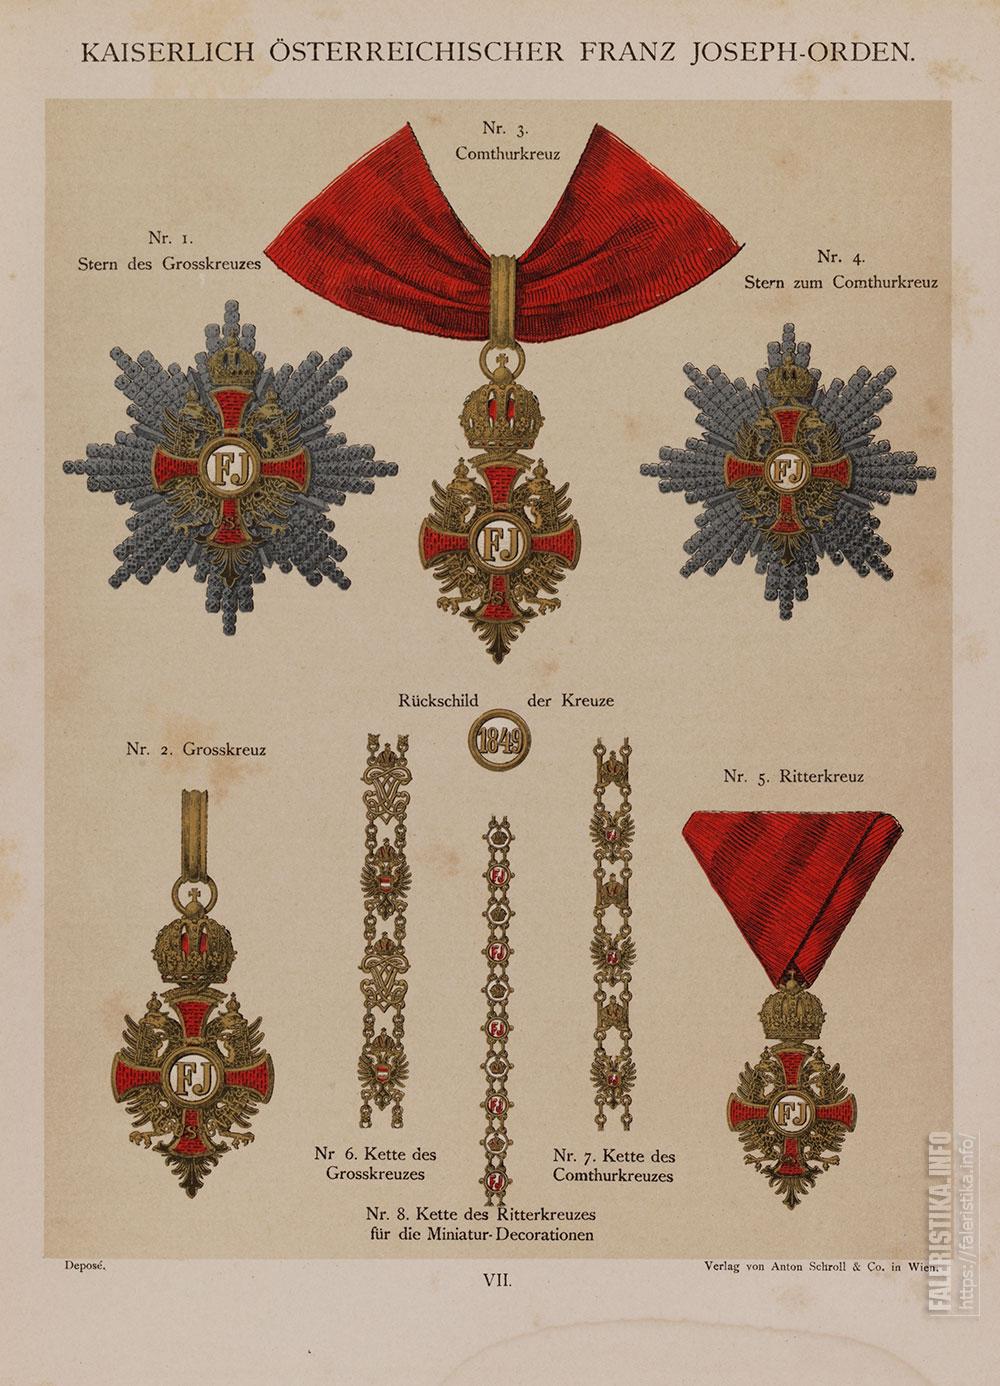 С цветных хромолитографий. Орден Франца Иосифа. Знаки. Миниатюрные цепочки, установленные для Большого (слева), Рыцарского Крестов Ордена Франца Иосифа (в середине), Командорского (справа)